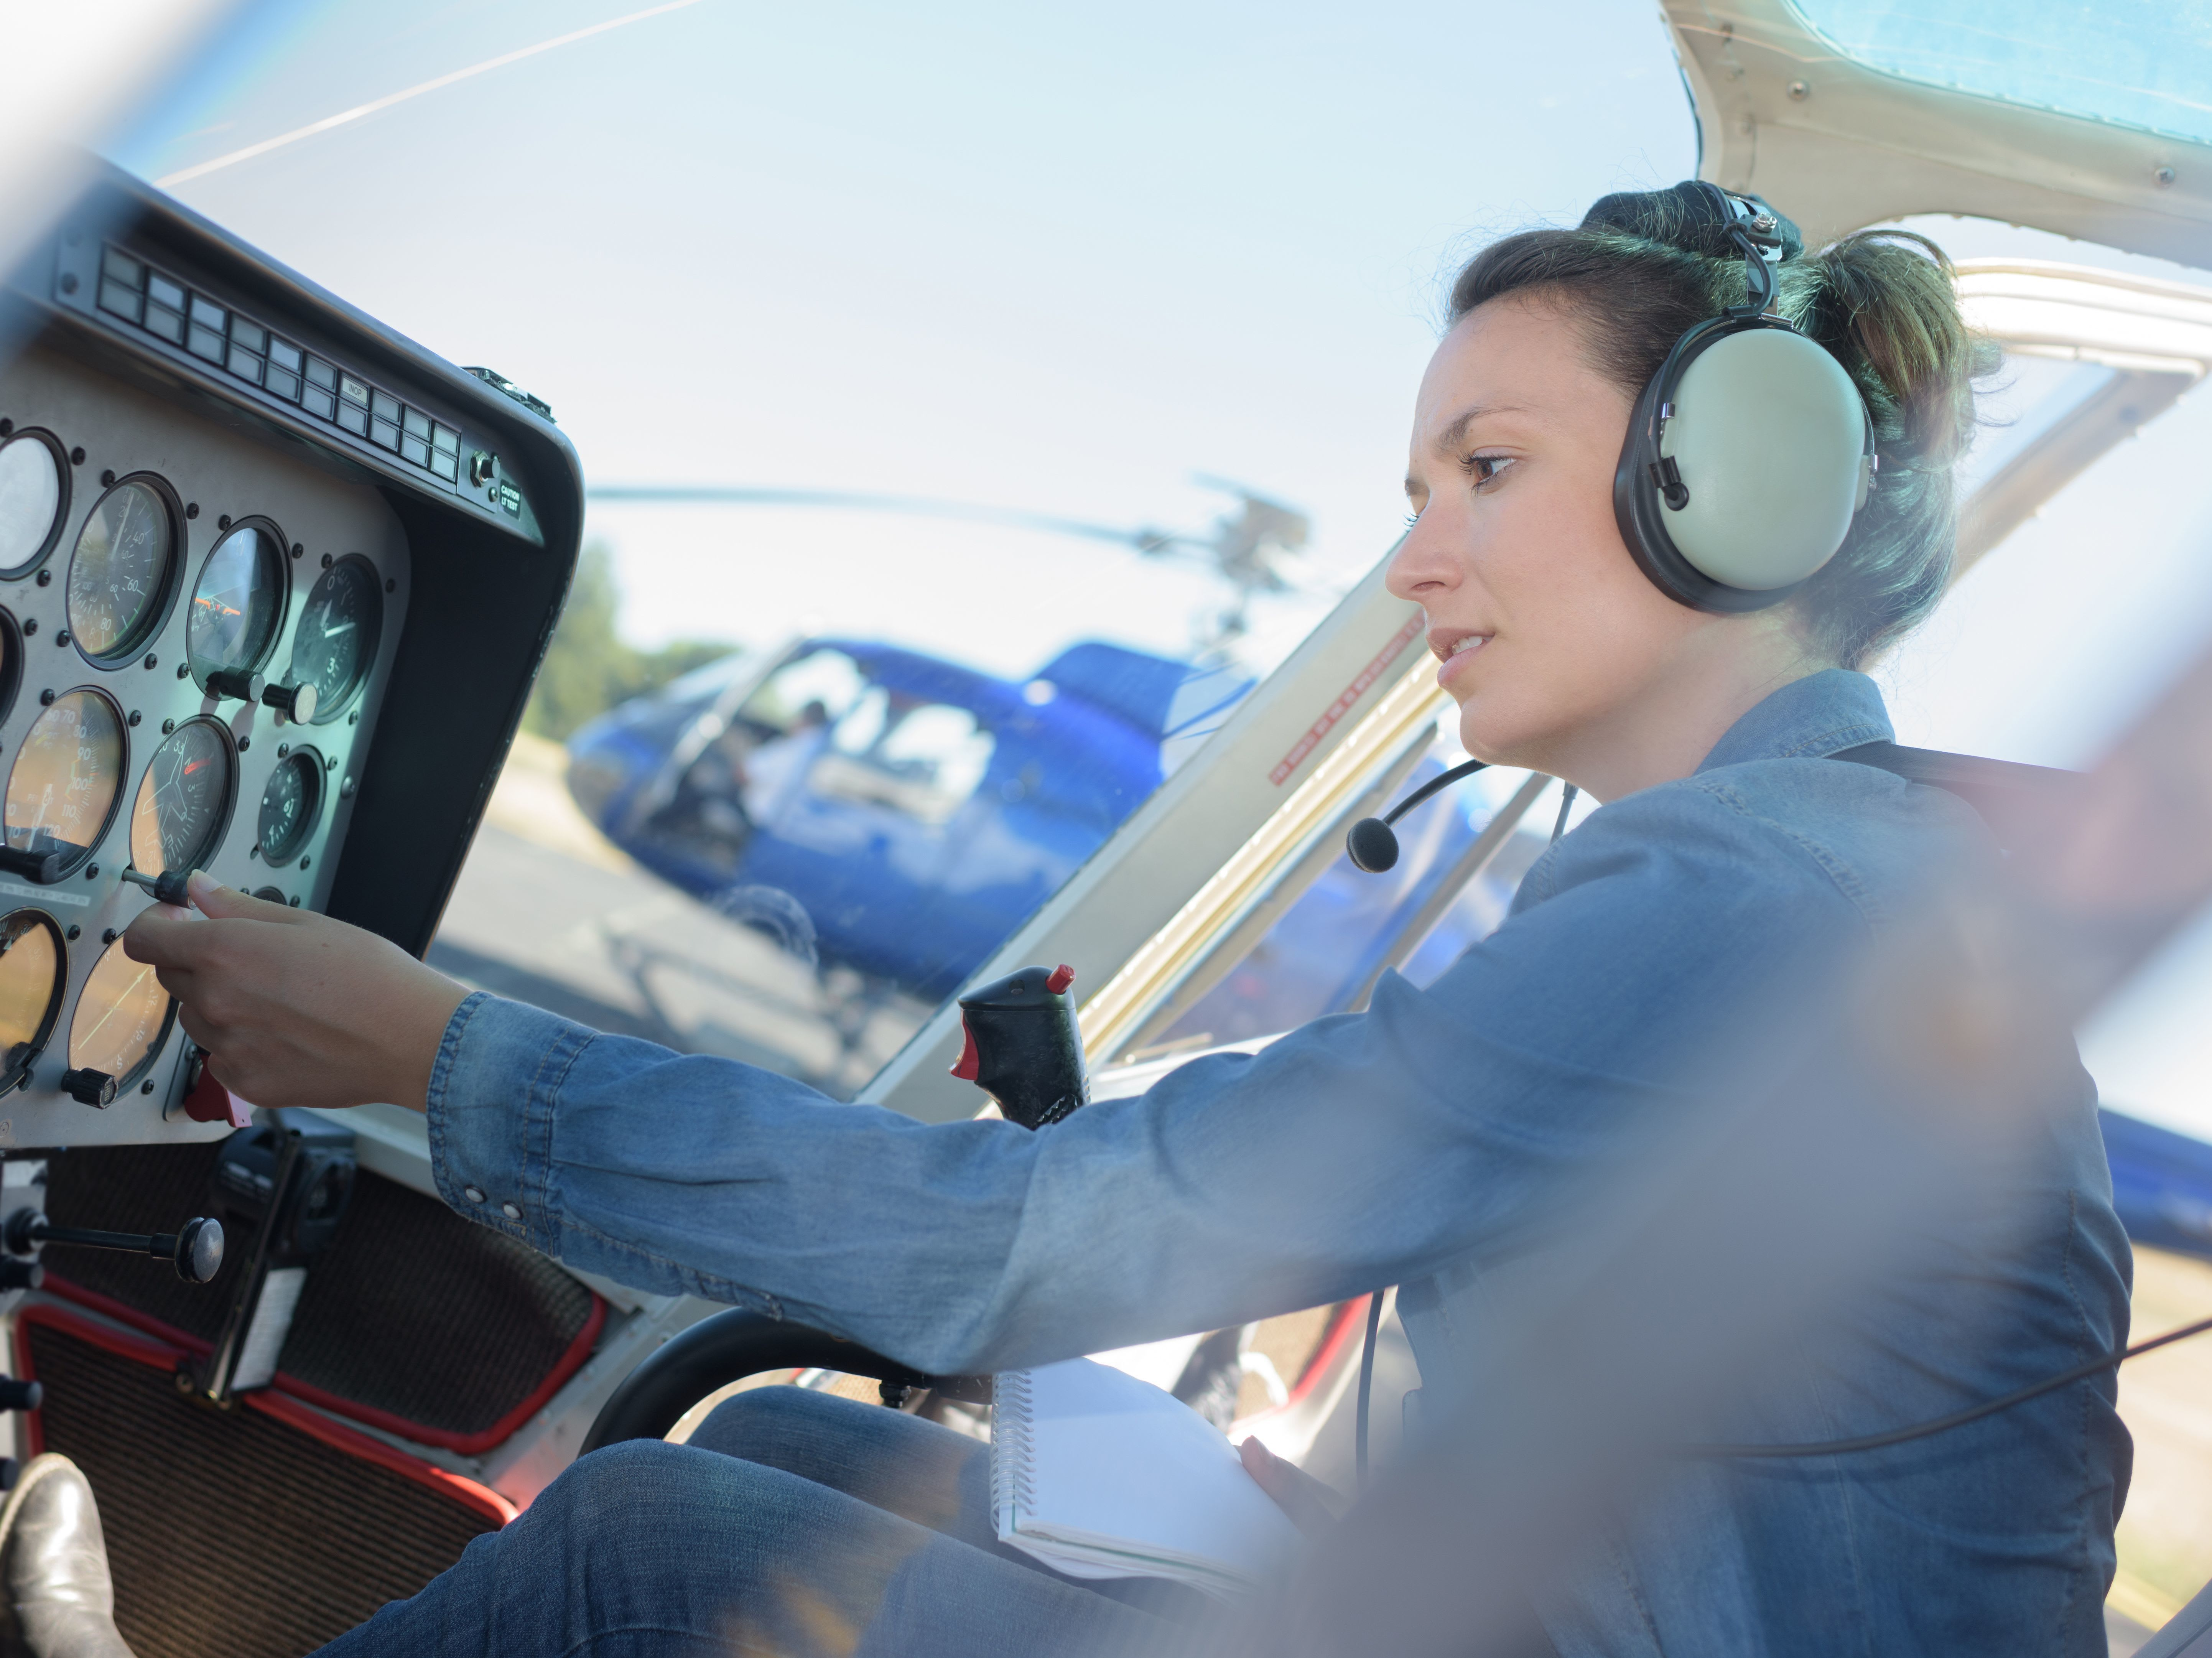 Bruit dans un hélicoptère